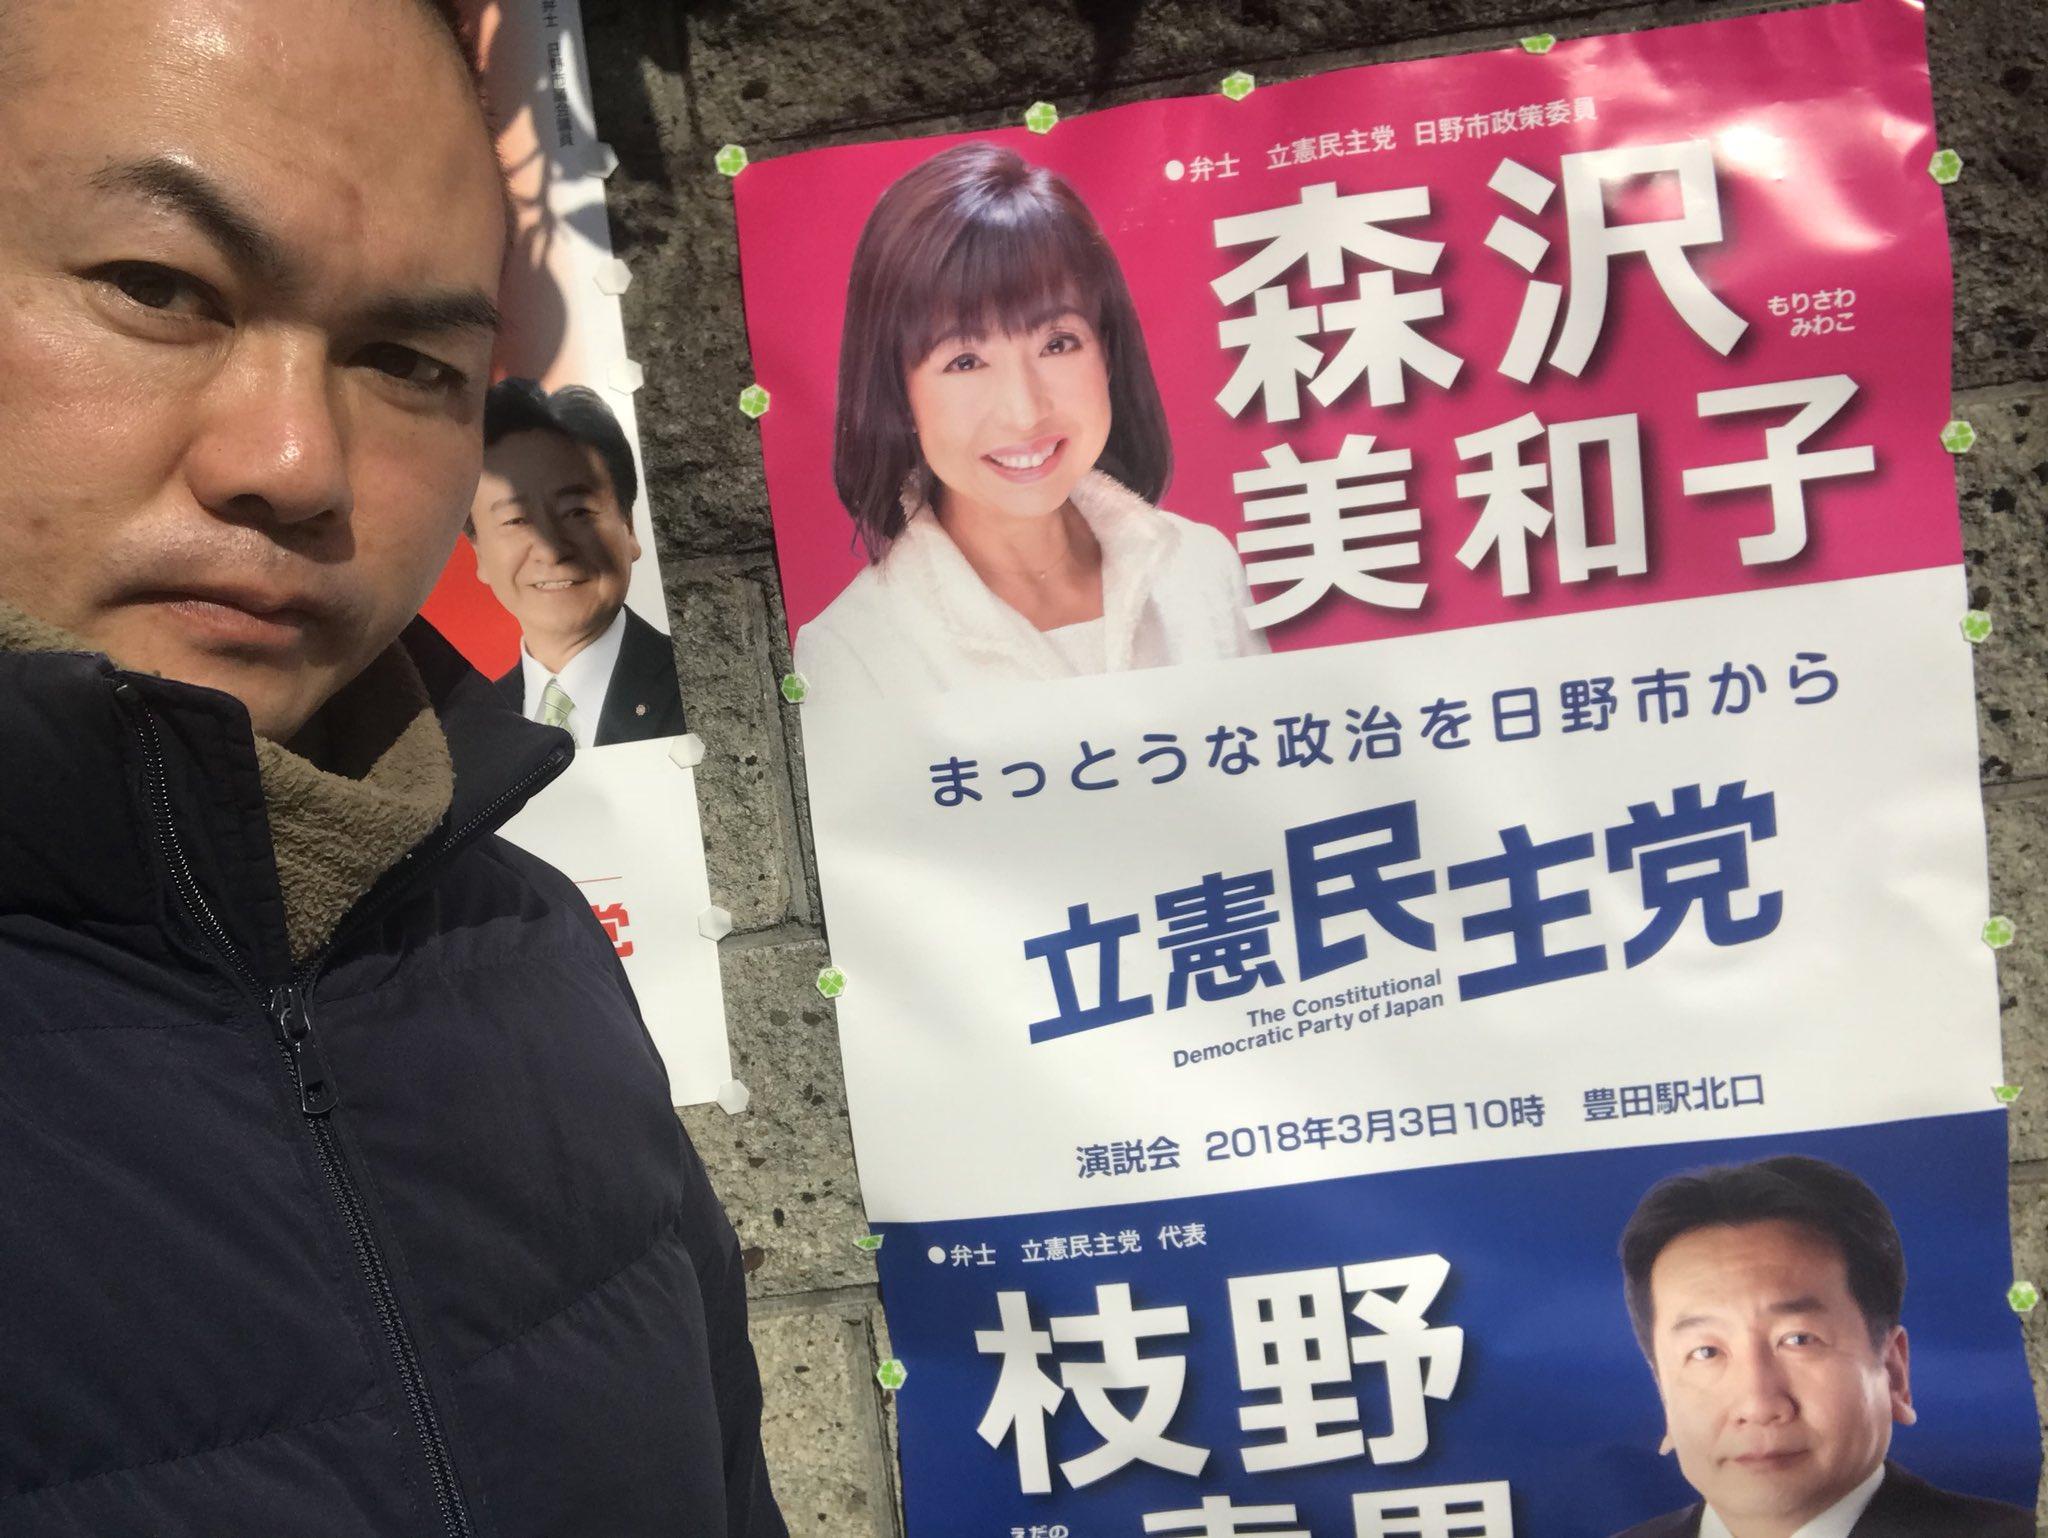 東京都豊島区議会議員選挙 候補者と開票結果速 …